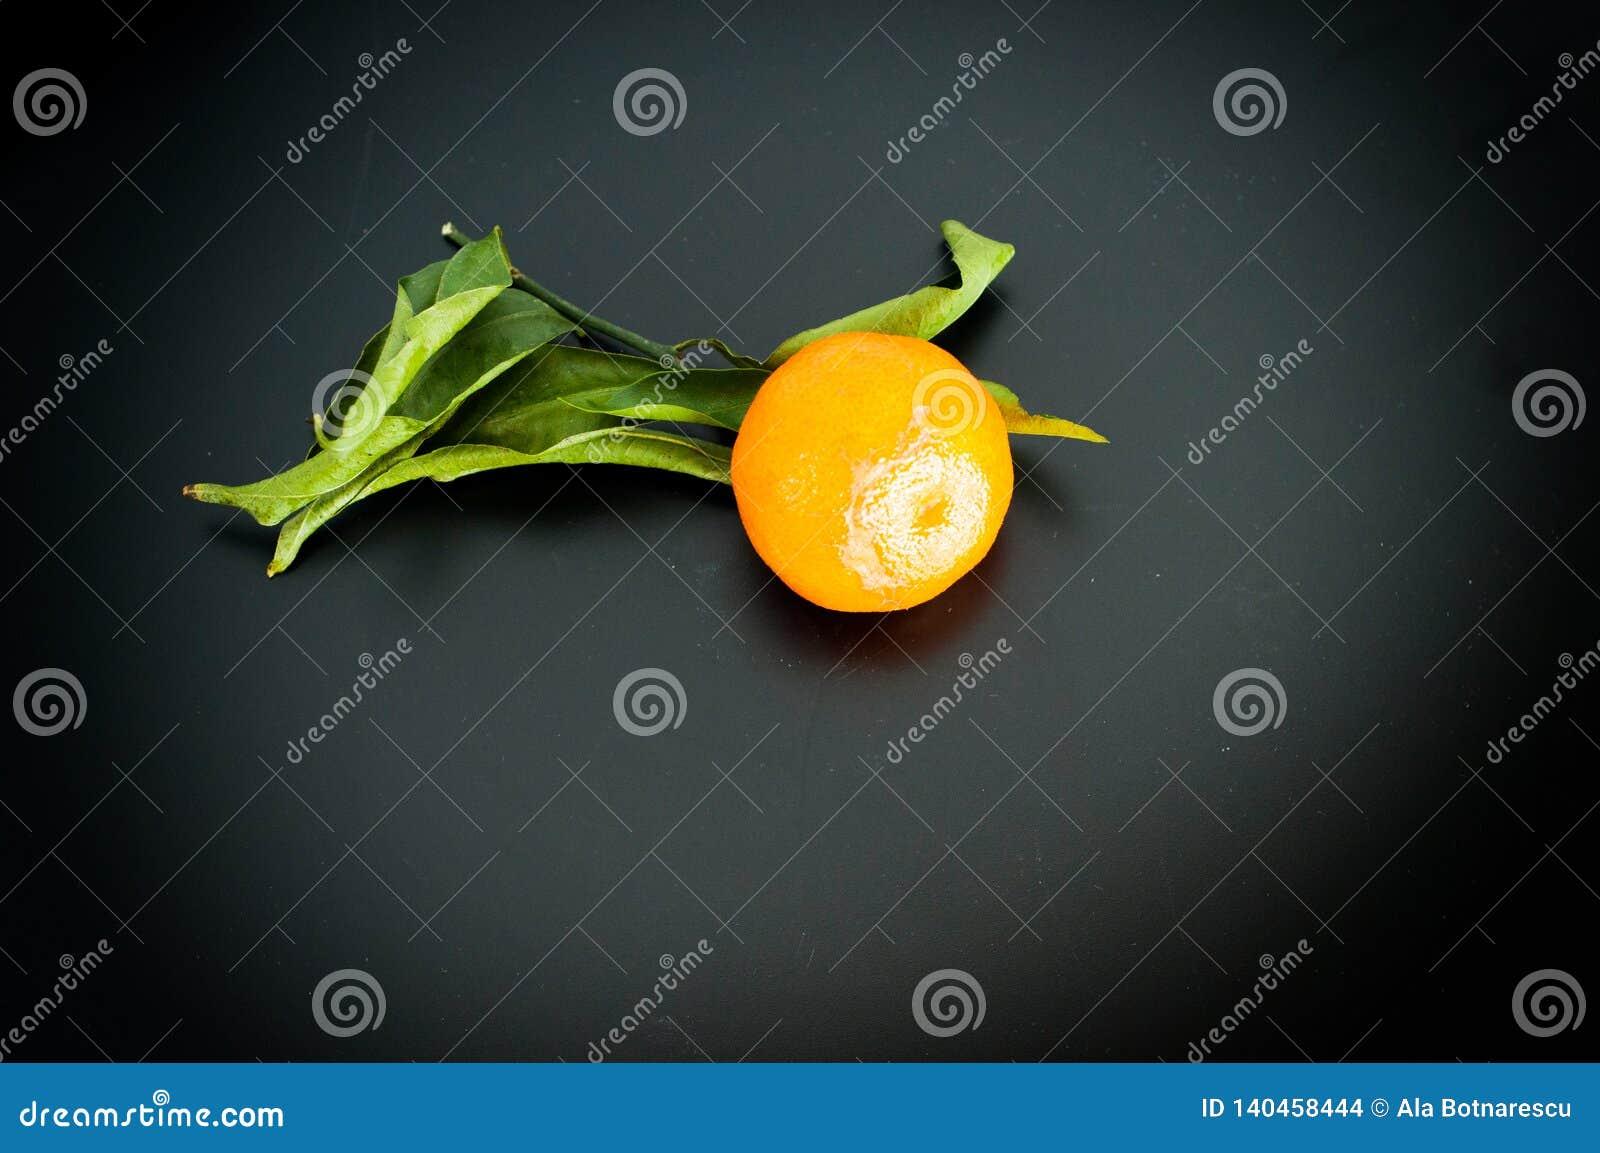 Mandarino sulle clementine arancio del mandarino della frutta del fondo nero